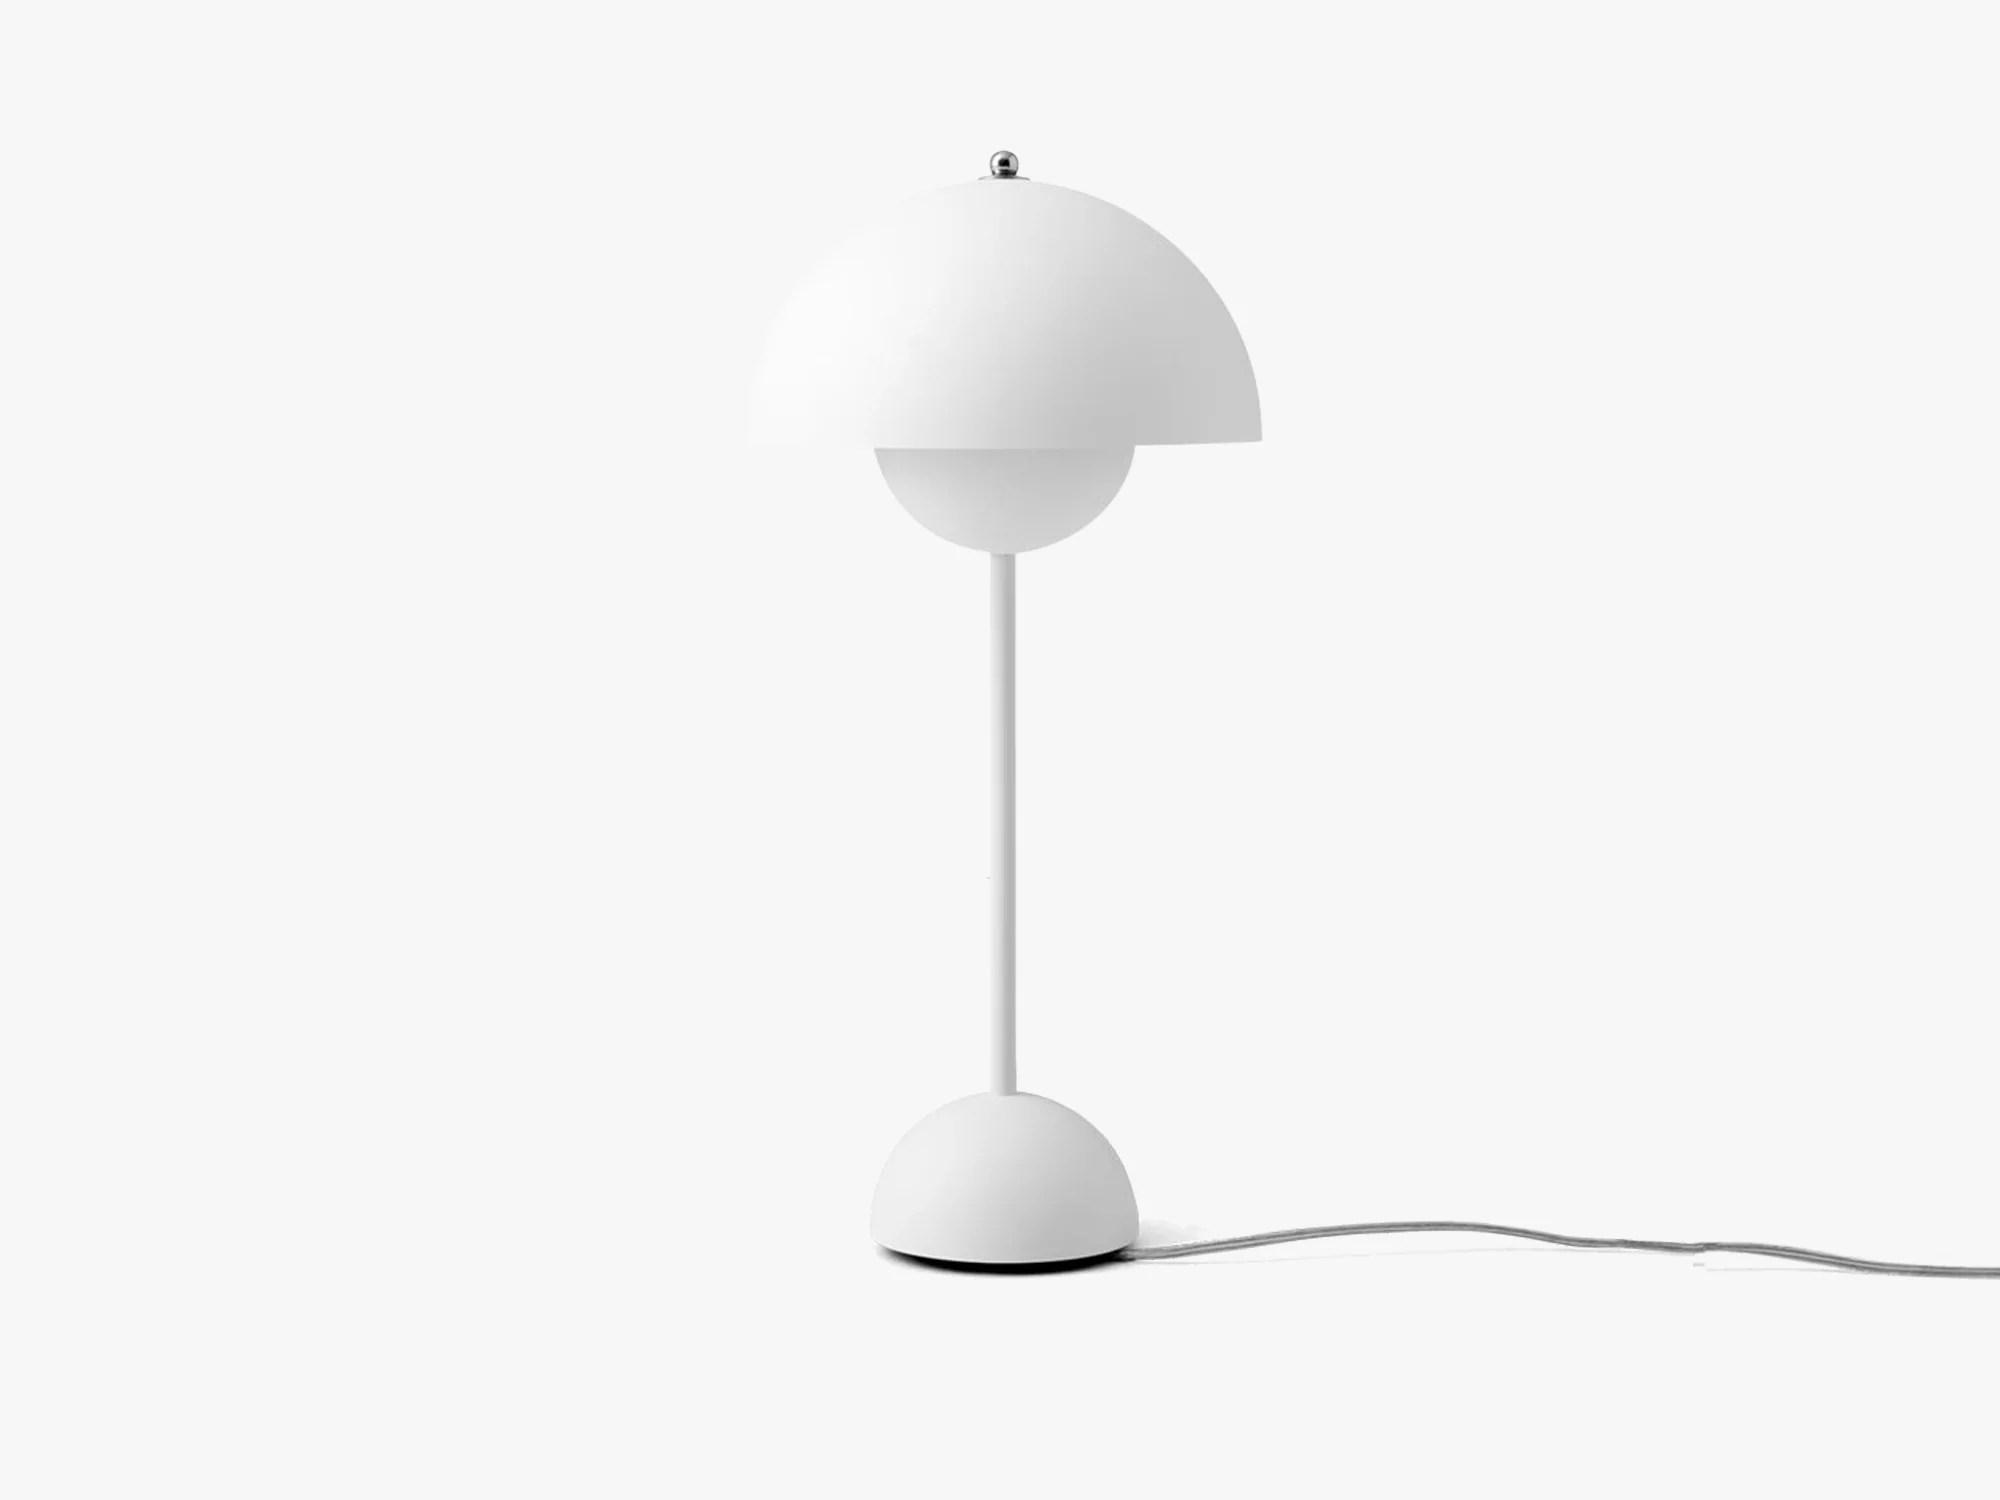 Flowerpot Table Lamp Vp3 Matt White Bordlampe Fra Tradition 1 995 Kr Gratis Fragt